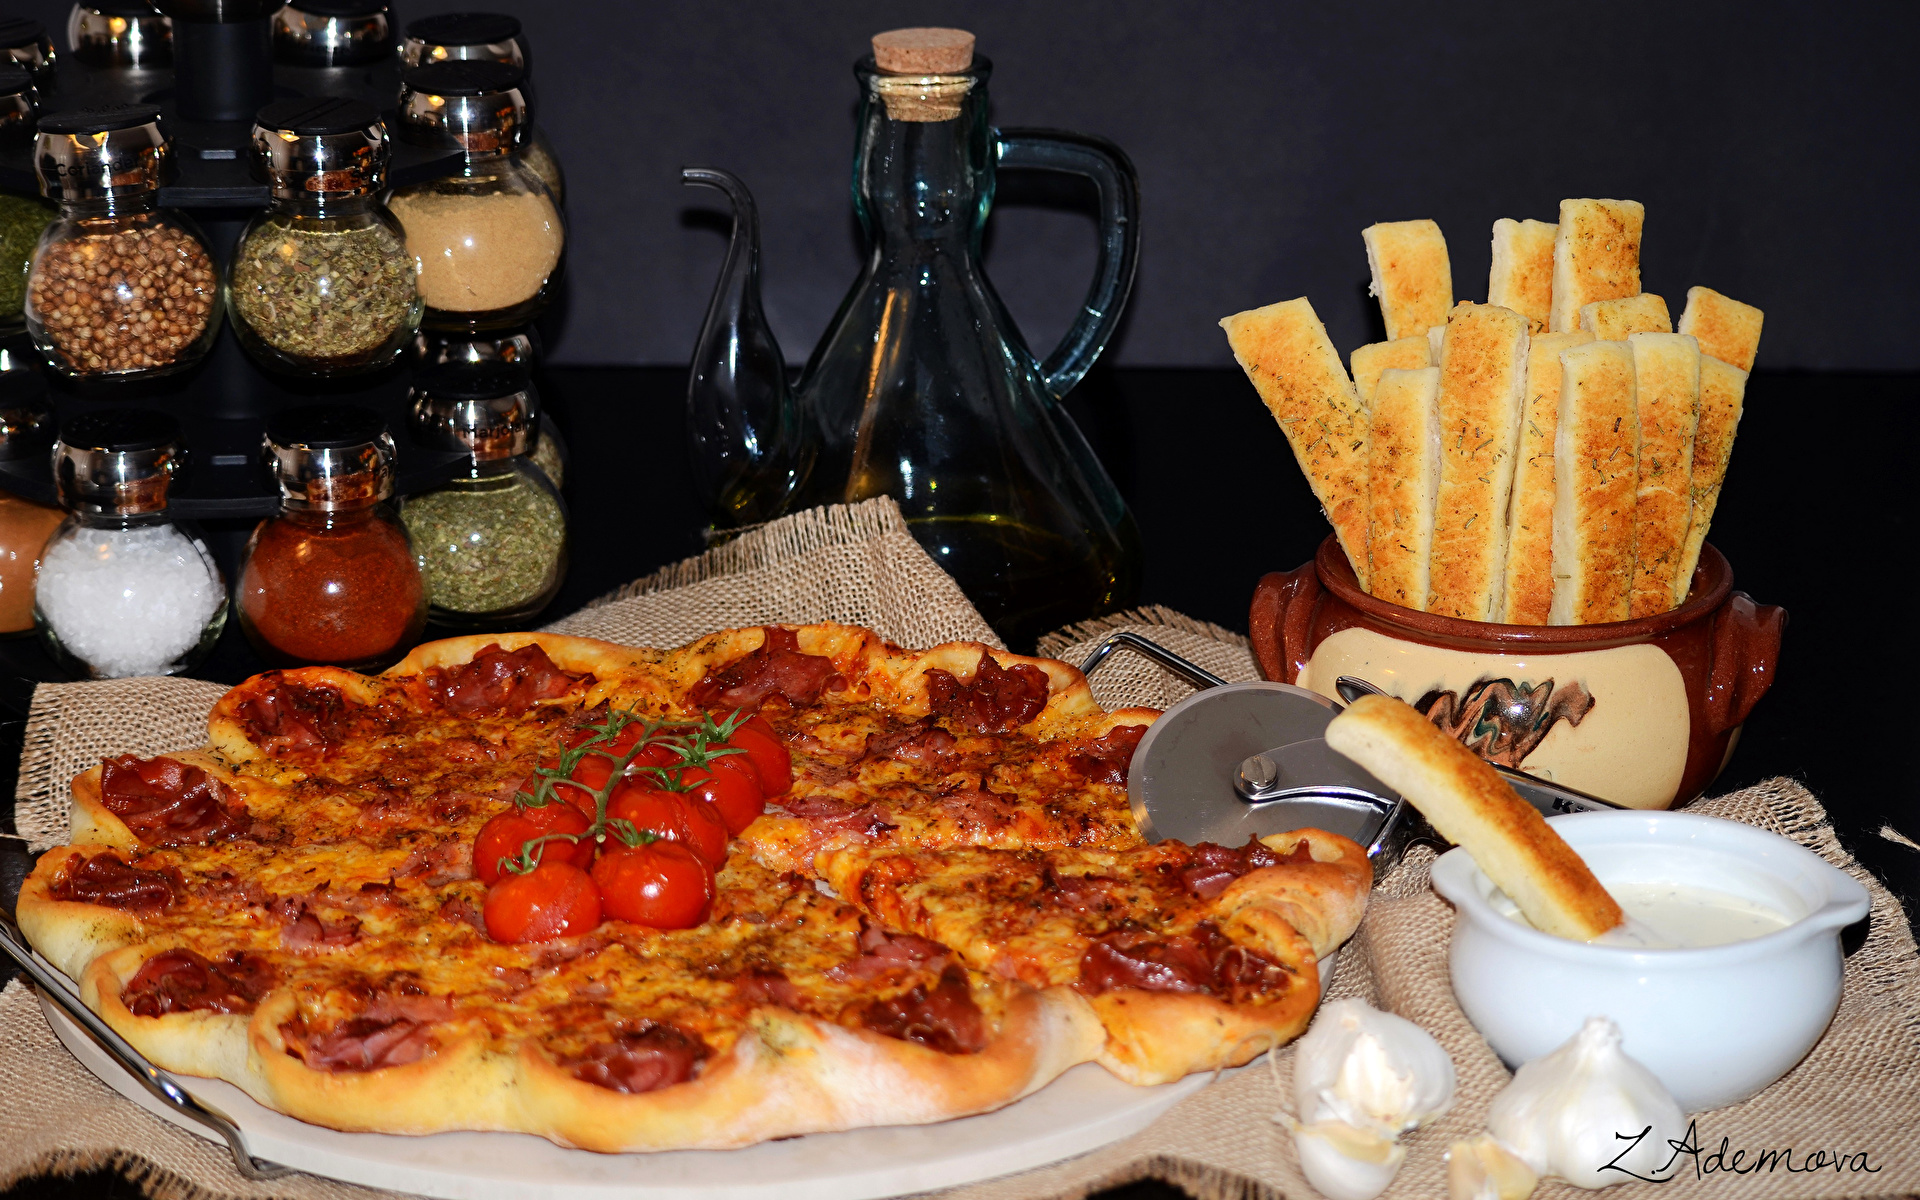 Фотография Пицца Томаты Фастфуд Еда пряности 1920x1200 Помидоры Быстрое питание Пища Специи приправы Продукты питания